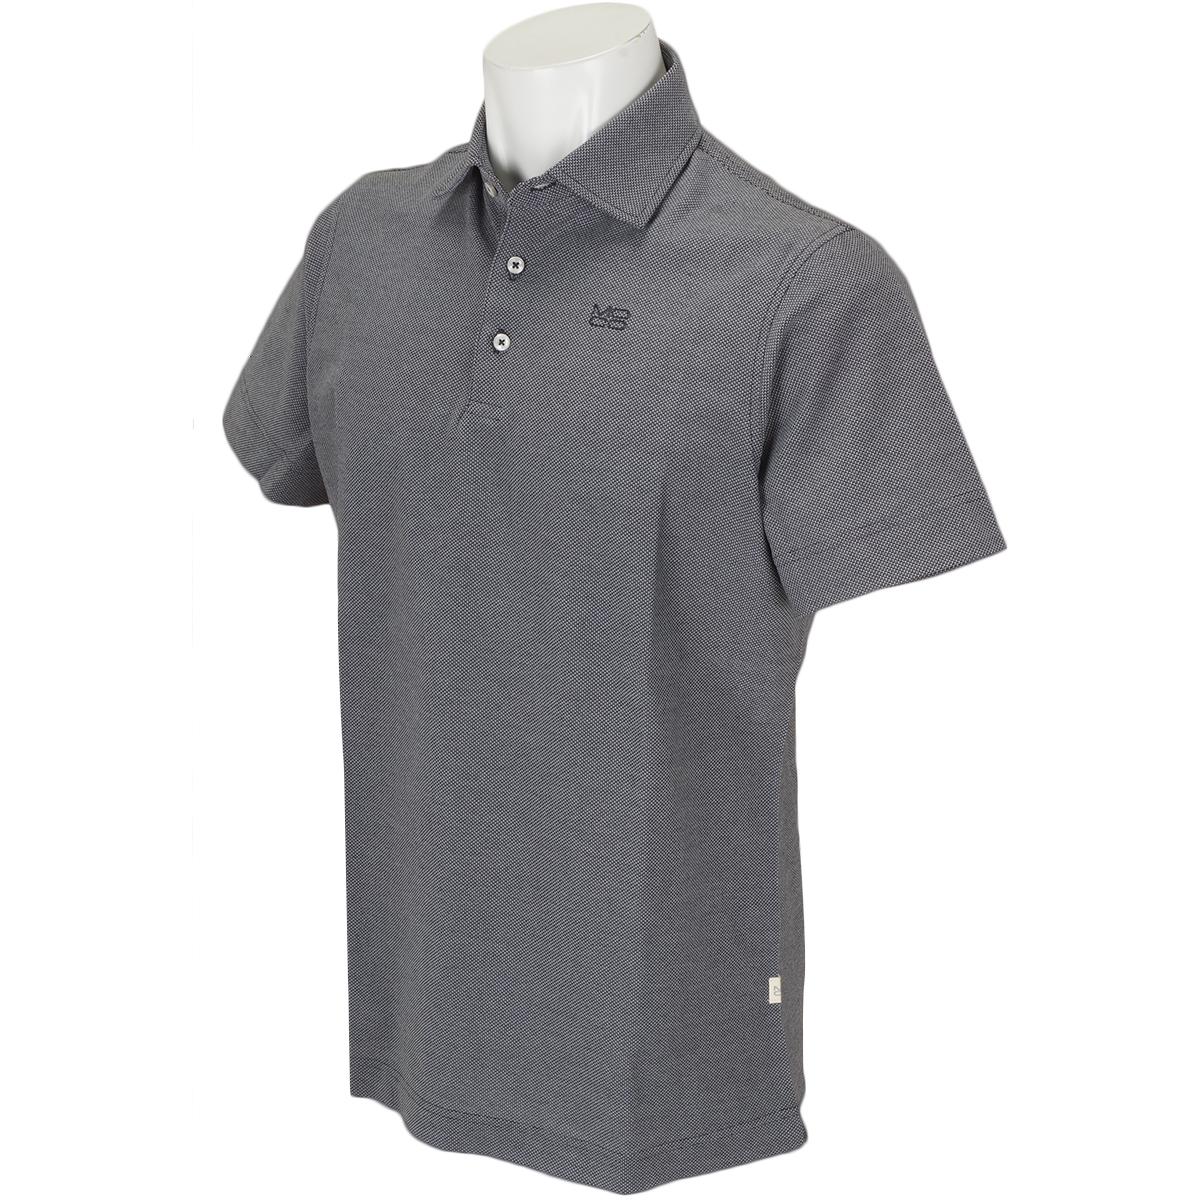 ドライ鹿の子半袖ポロシャツ